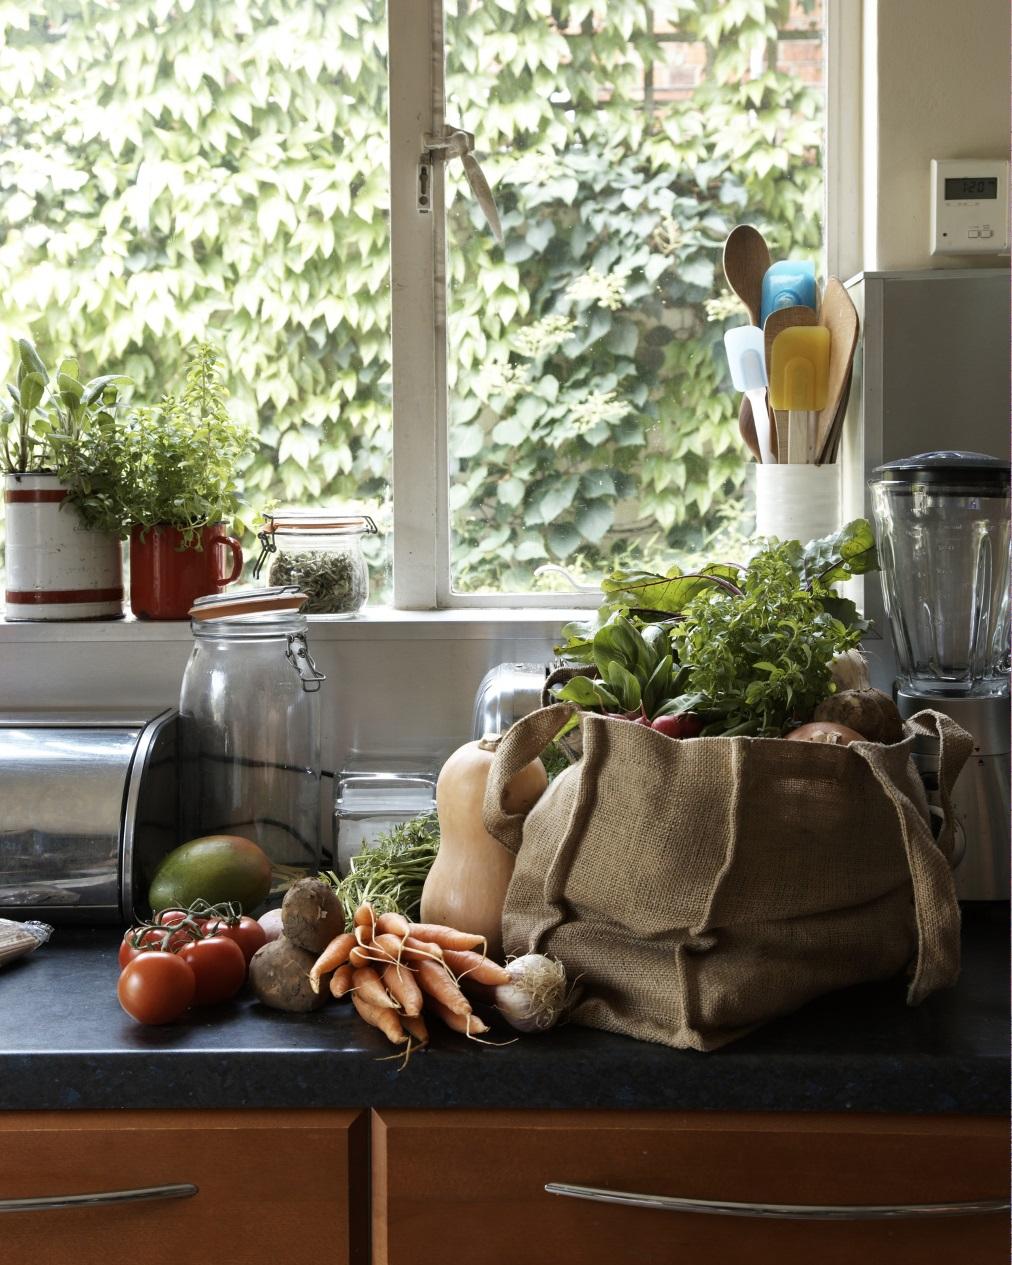 Дали имате много предмети по кухненските плотове.